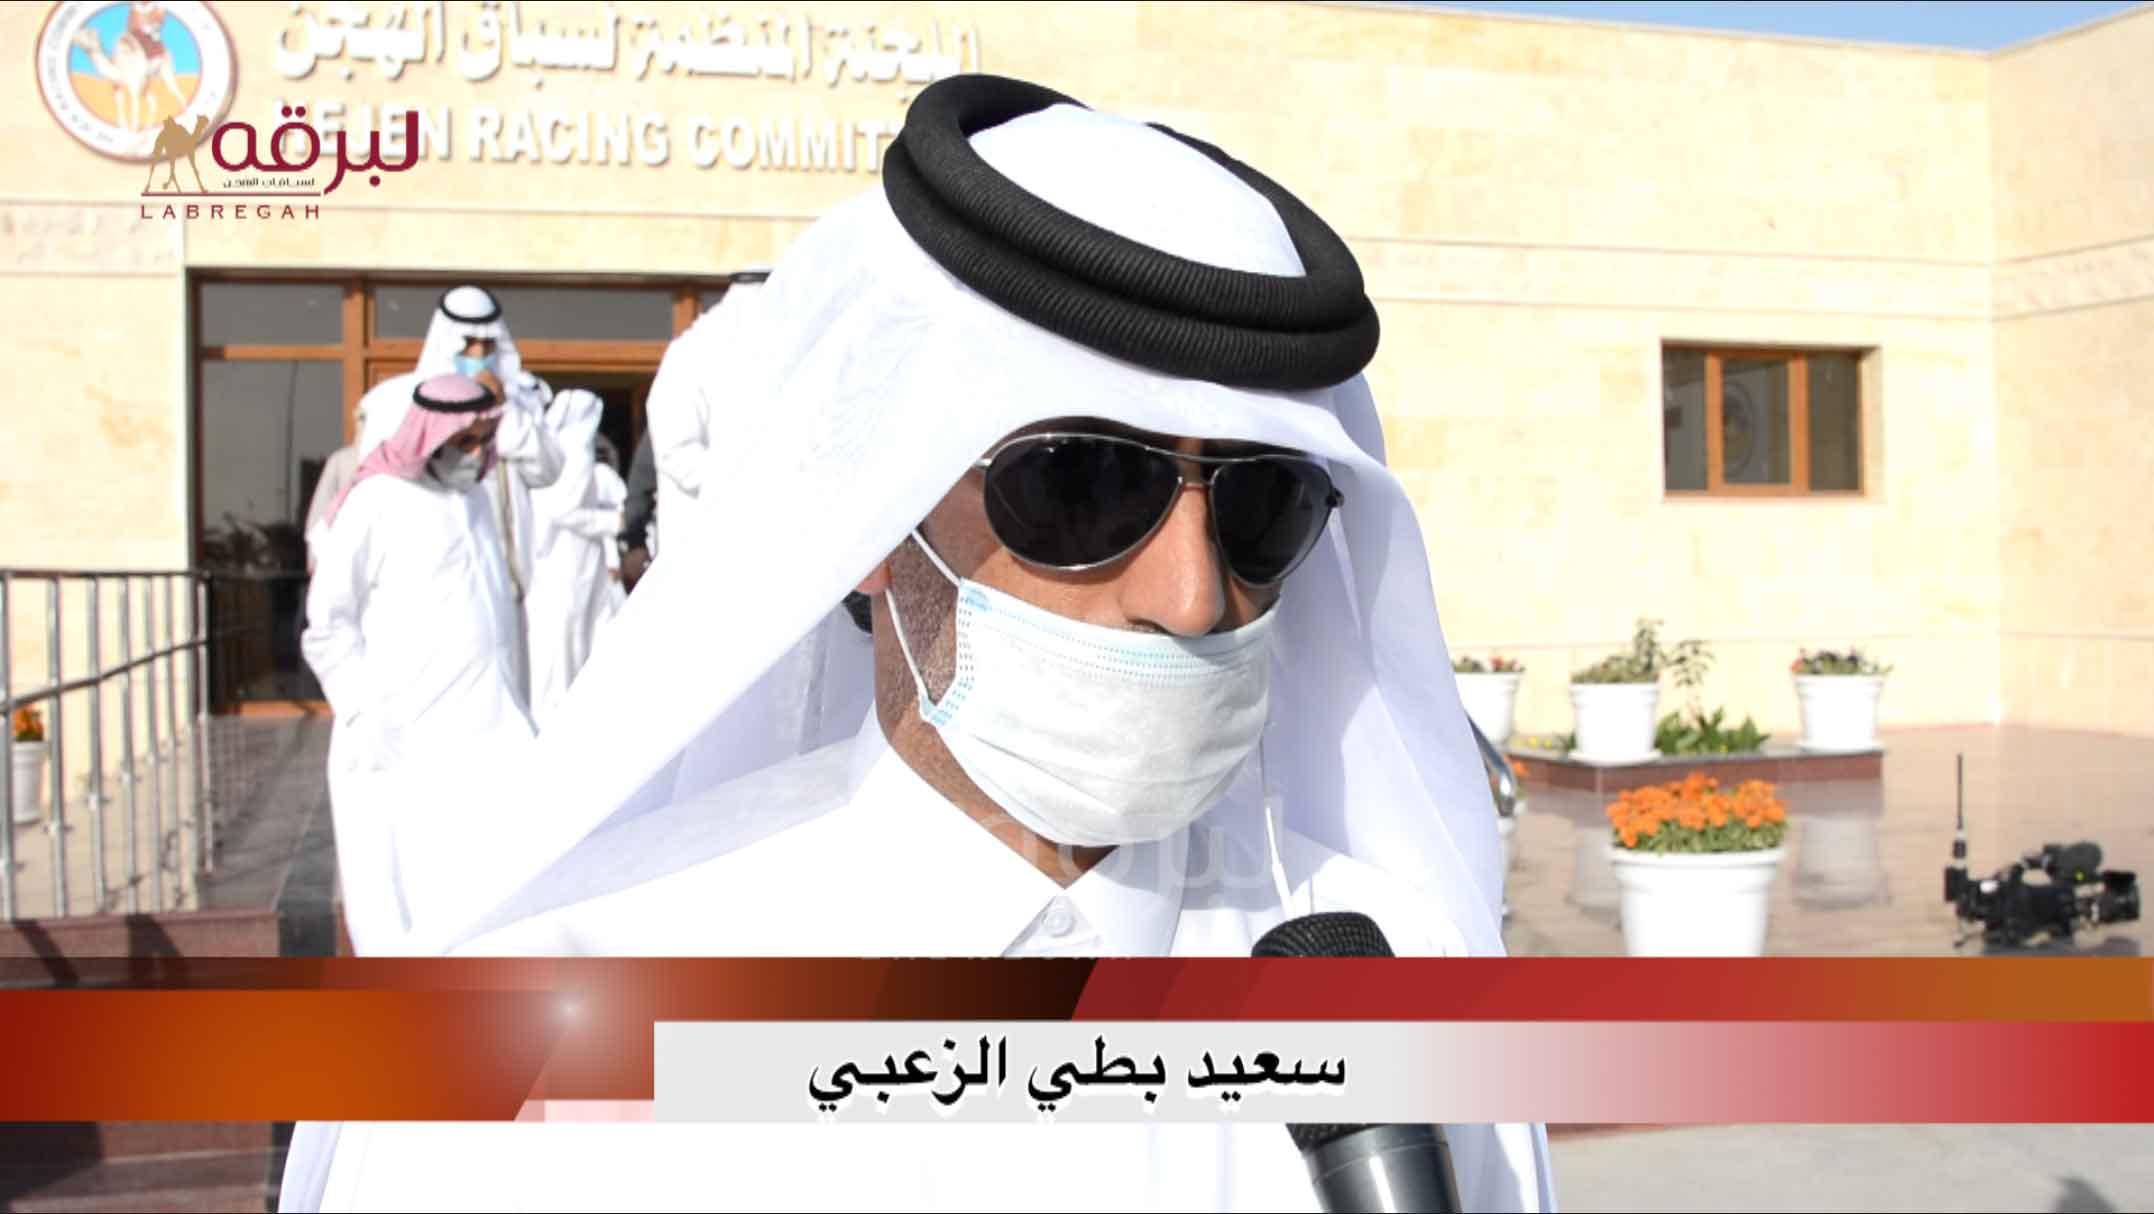 لقاء مع سعيد بطي الزعبي،، الخنجر الفضي ثنايا قعدان «عمانيات» الأشواط العامة  ٢٧-٣-٢٠٢١